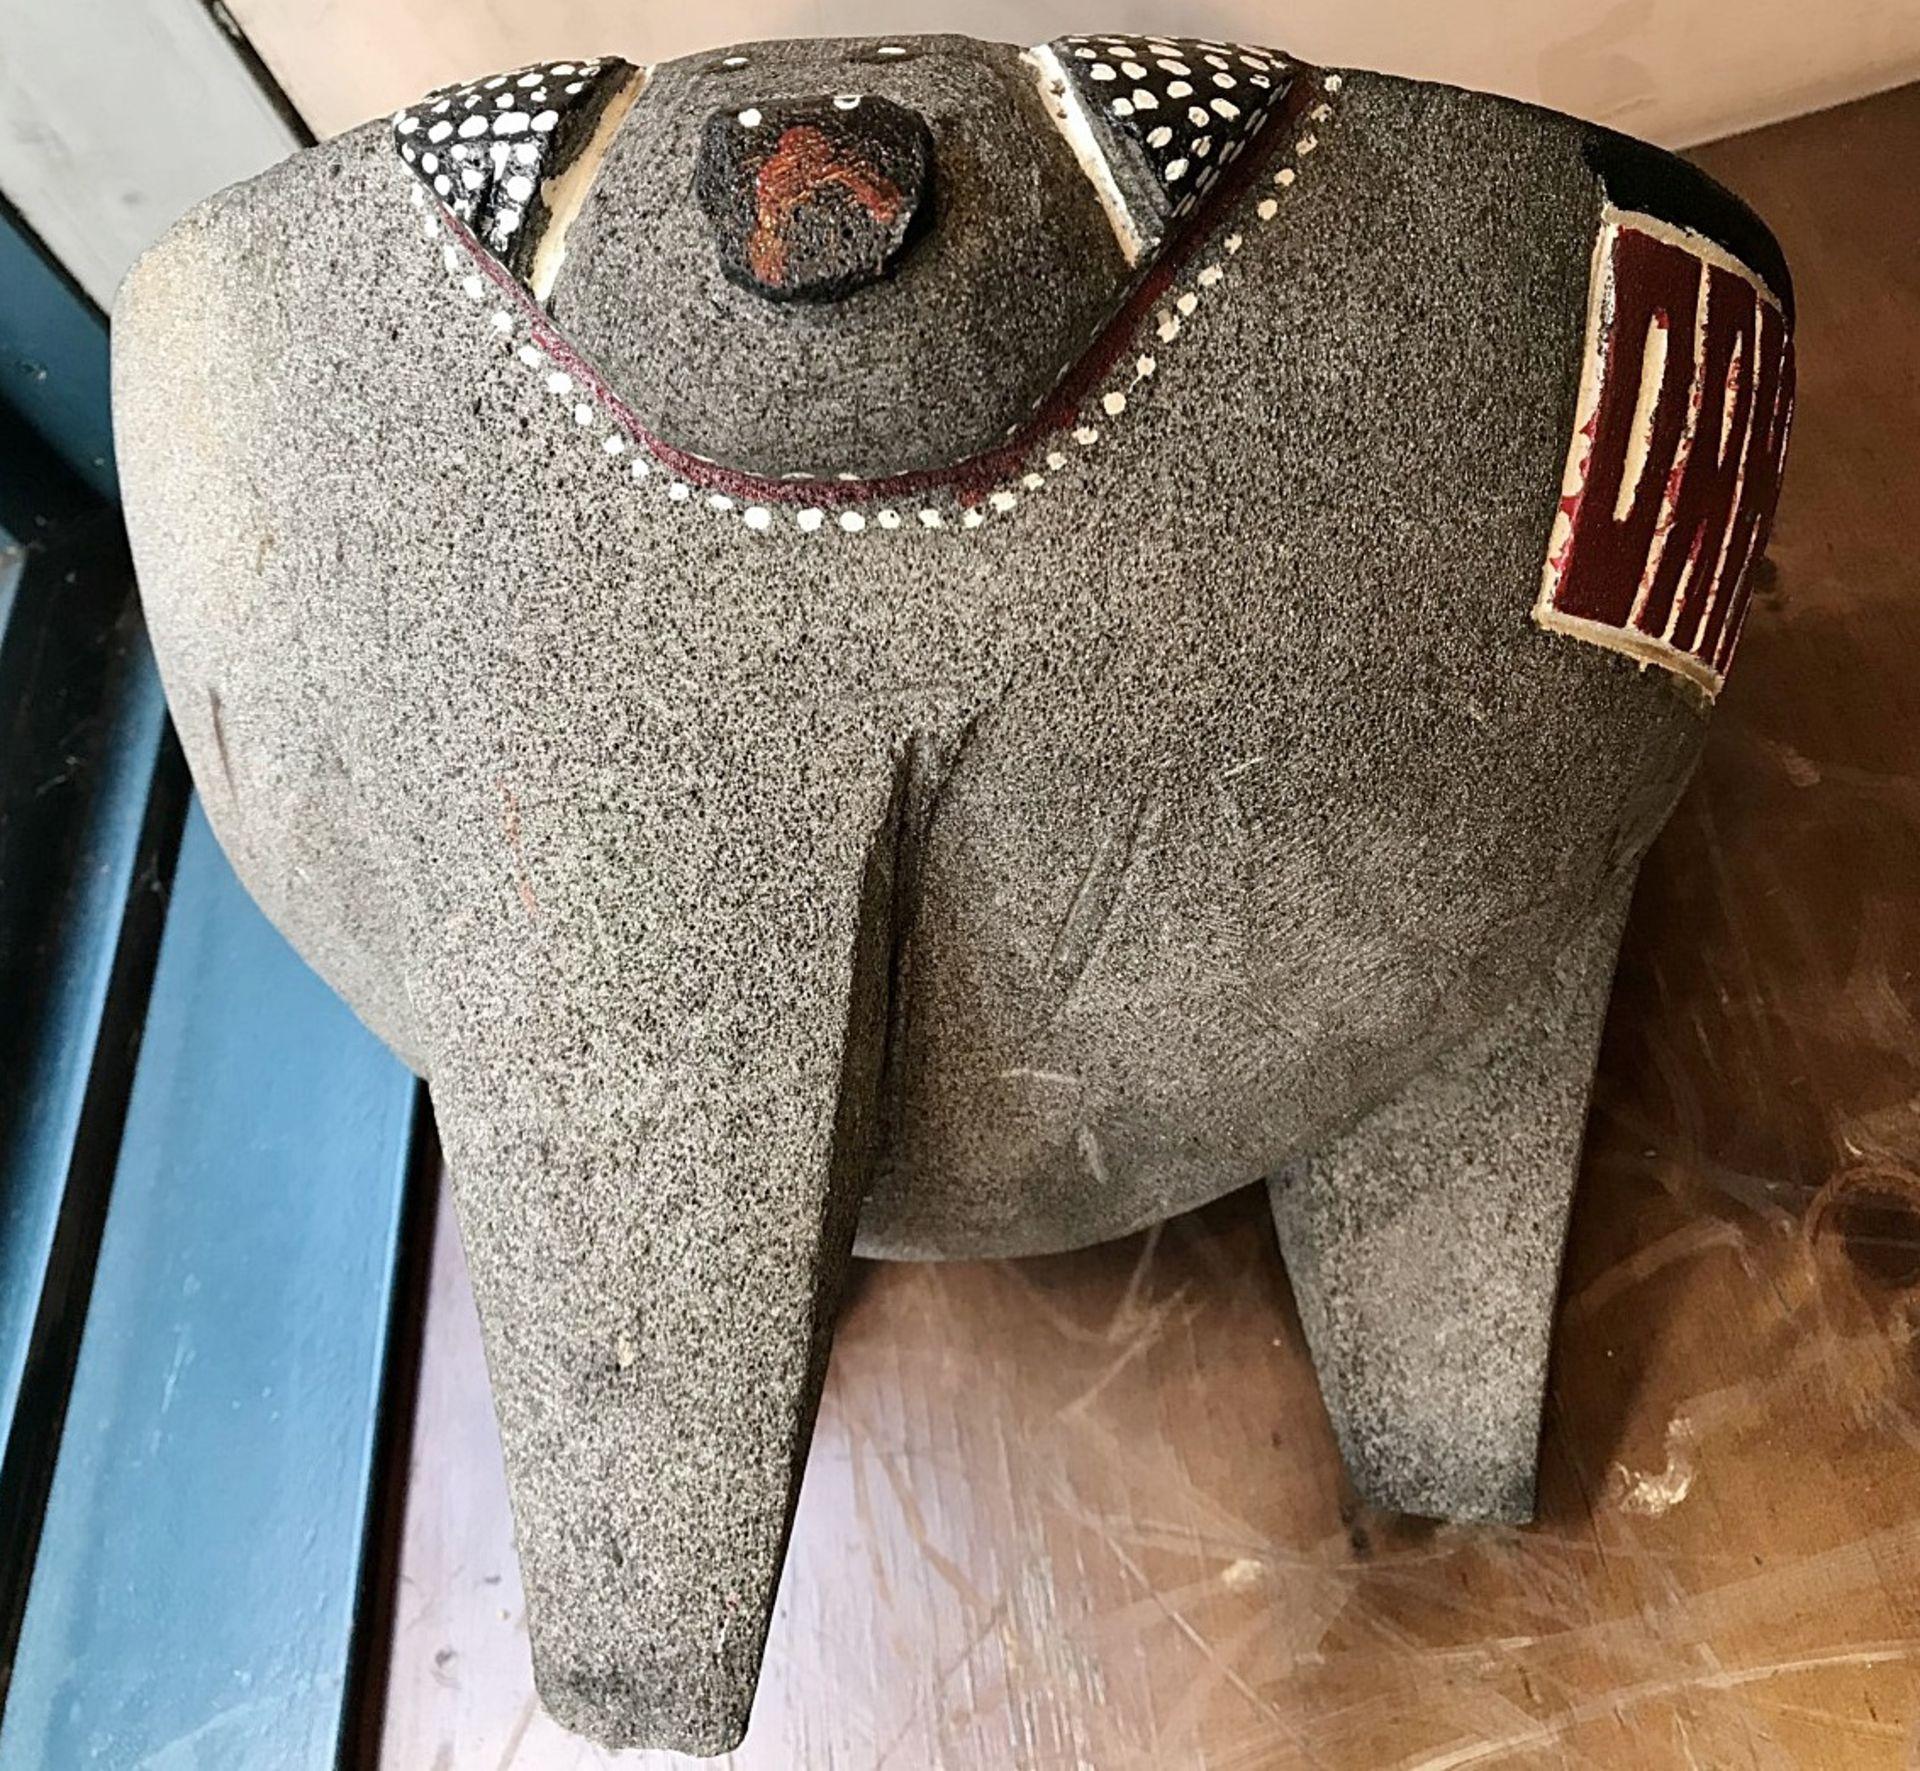 1 x Stone Pig Style Dahaca Folk Art Griding Bowl - Size H30 x W40 cms - CL554 - Ref IM195 - - Image 5 of 5